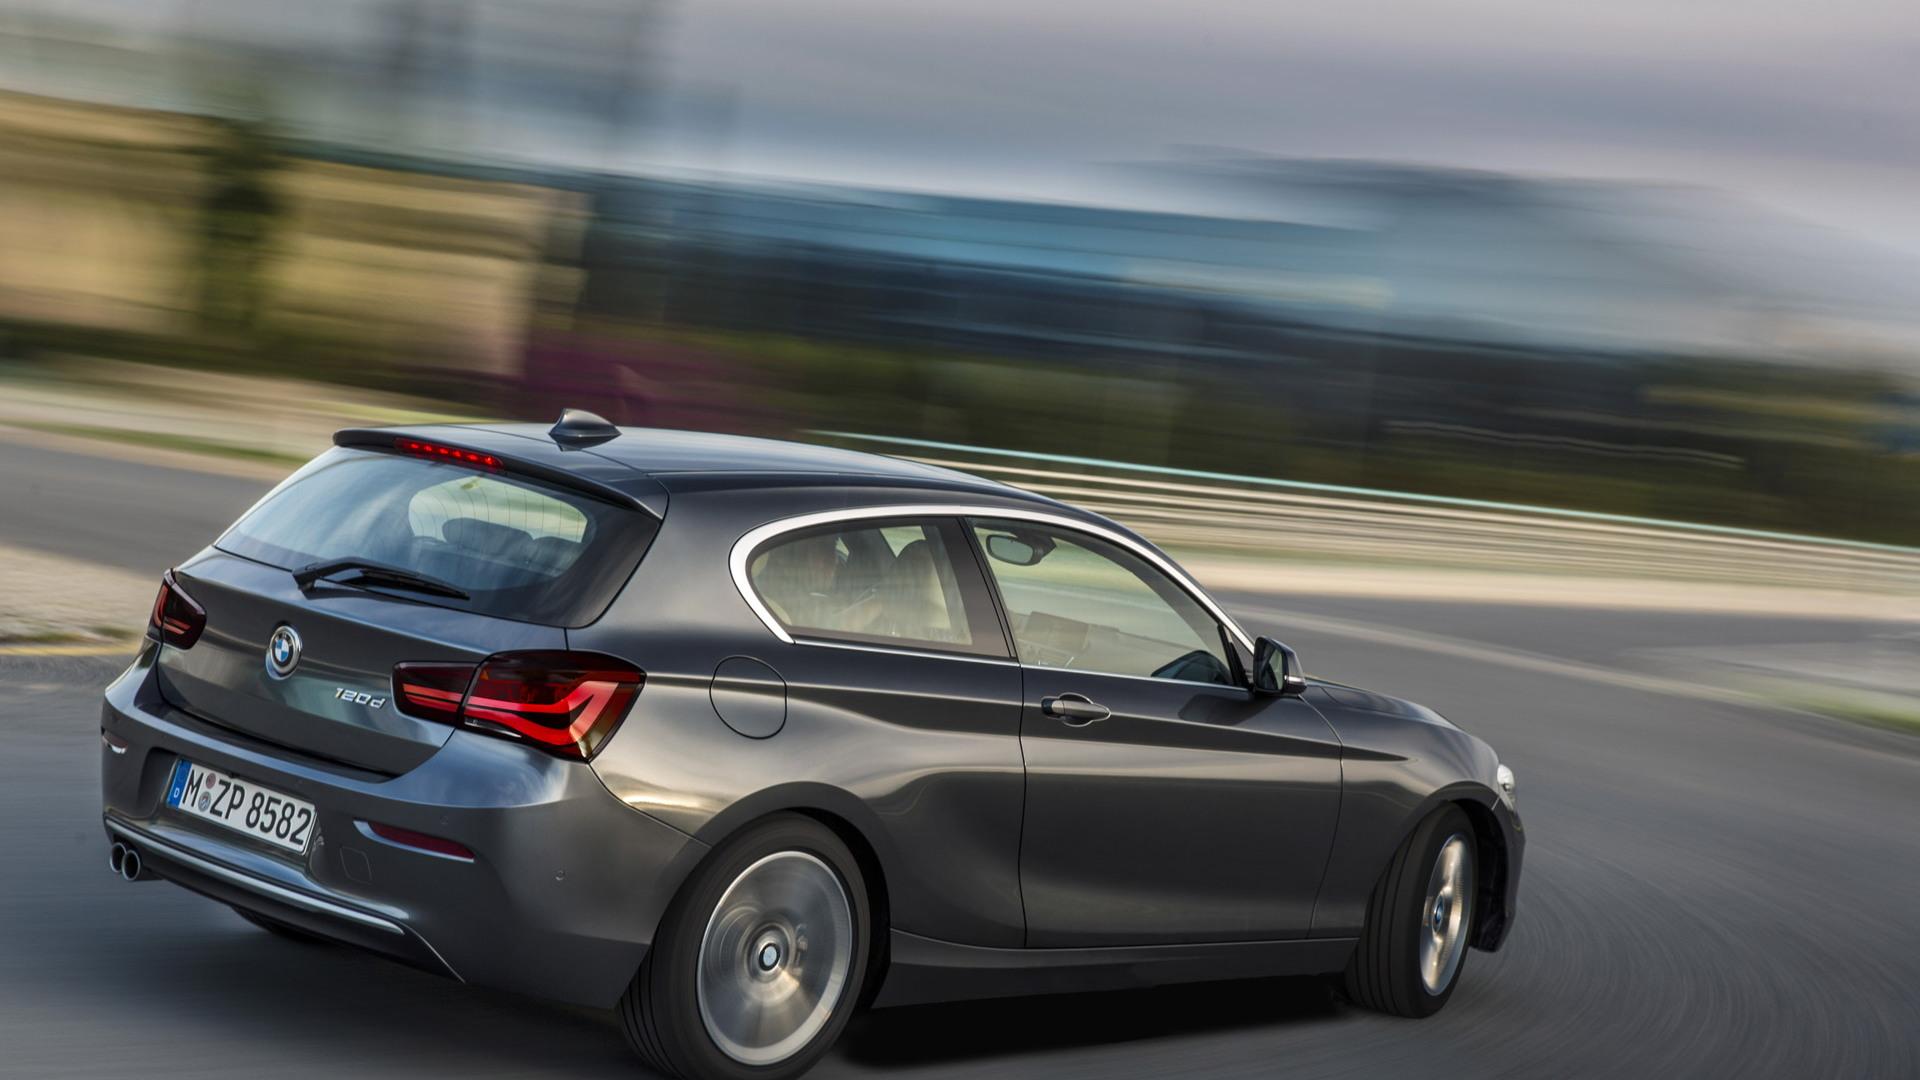 2015 BMW 1-Series Hatchback